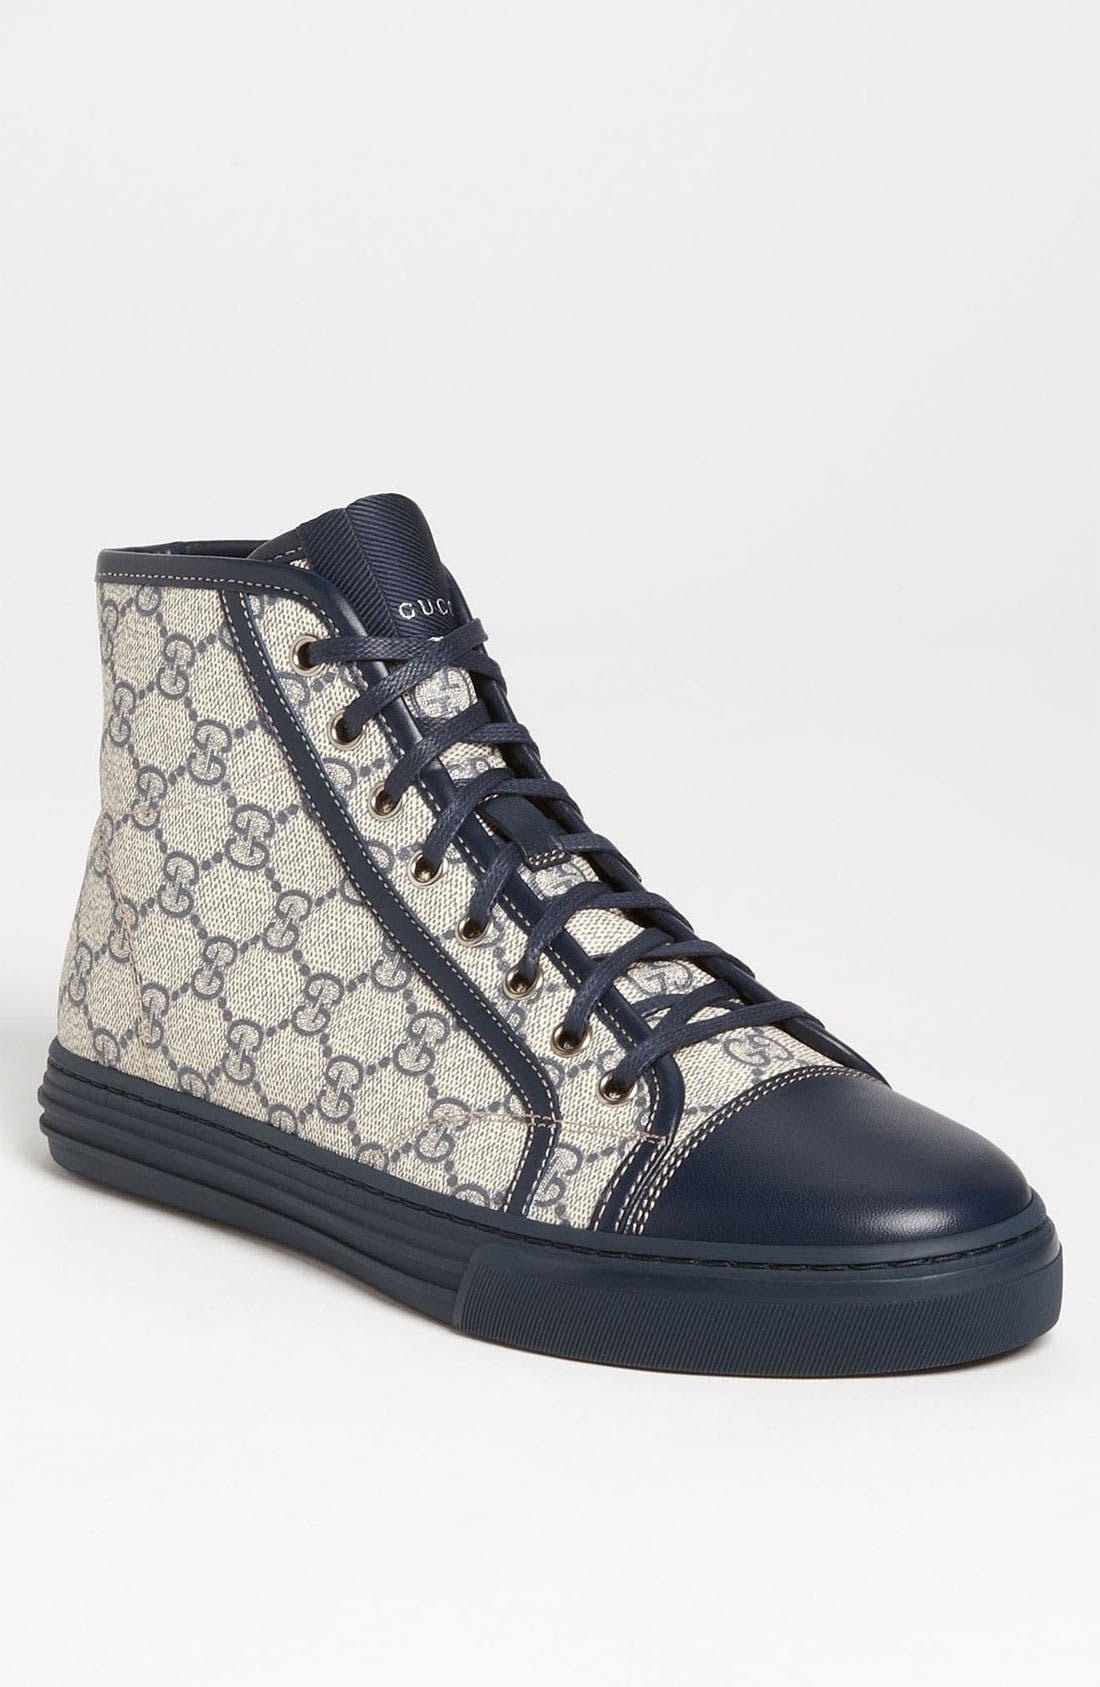 Main Image - Gucci 'California Hi' Sneaker